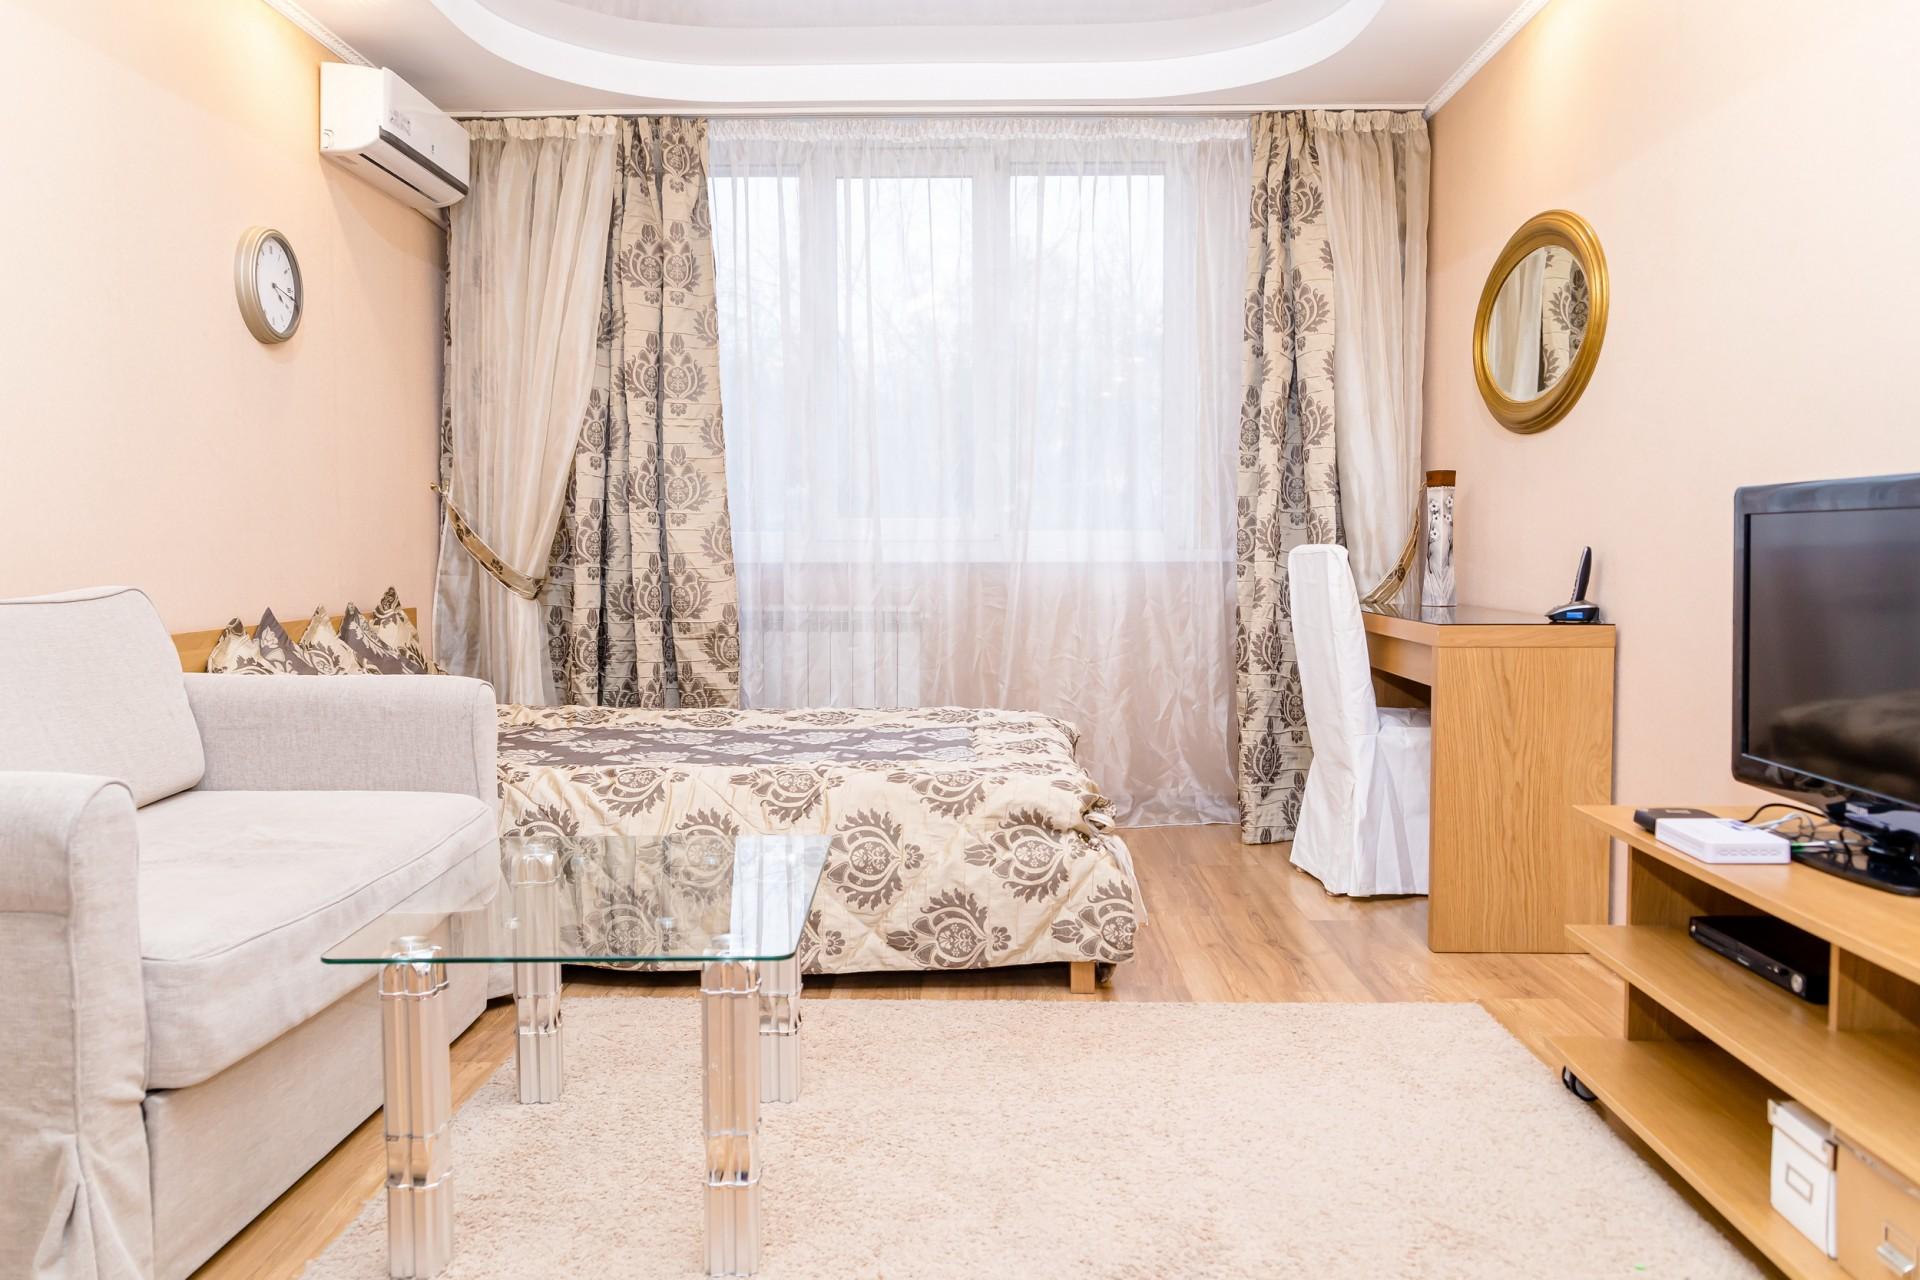 аренда квартир в новосибирске с фото жемчуга раковины, все